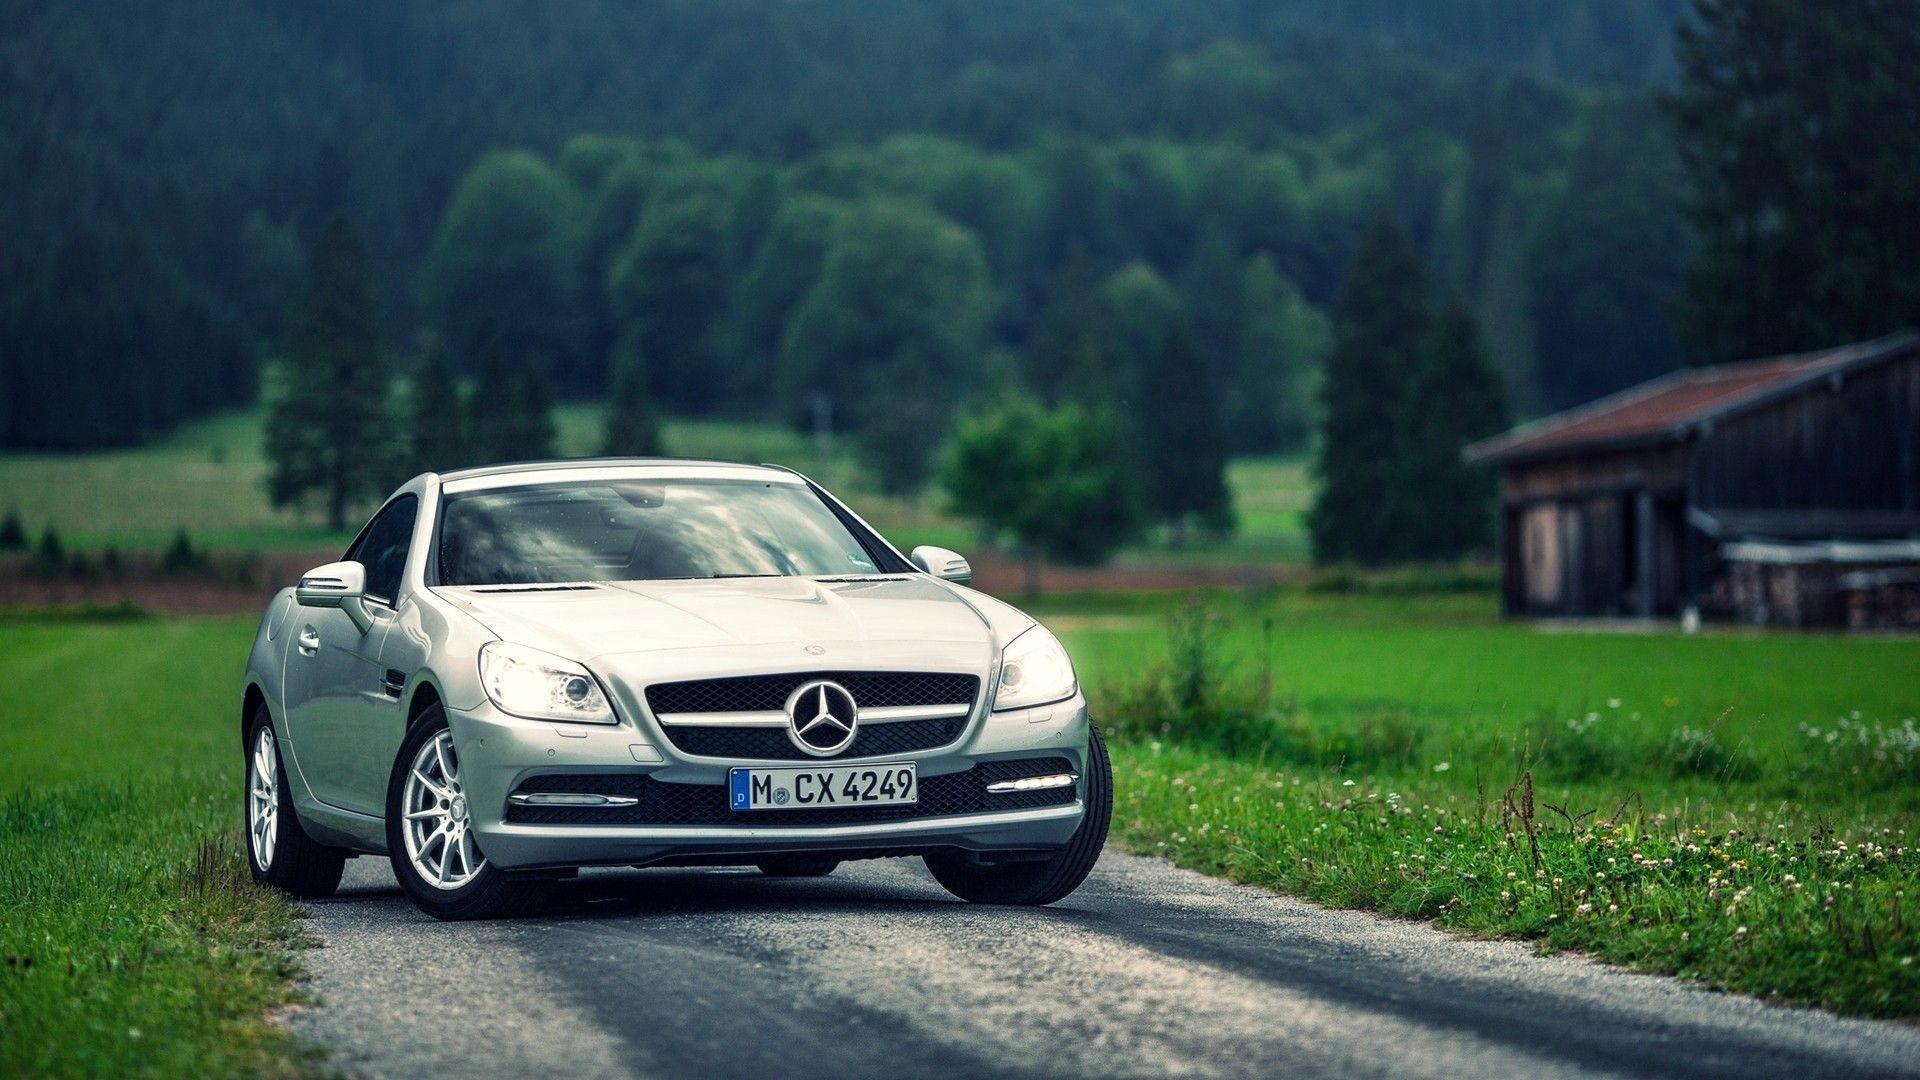 Res: 1920x1080, Mercedes Benz Hd Wallpaper 1080p 5 Widescreen Mercedes Benz Hd With Car  Wallpaper High Resolution For ...